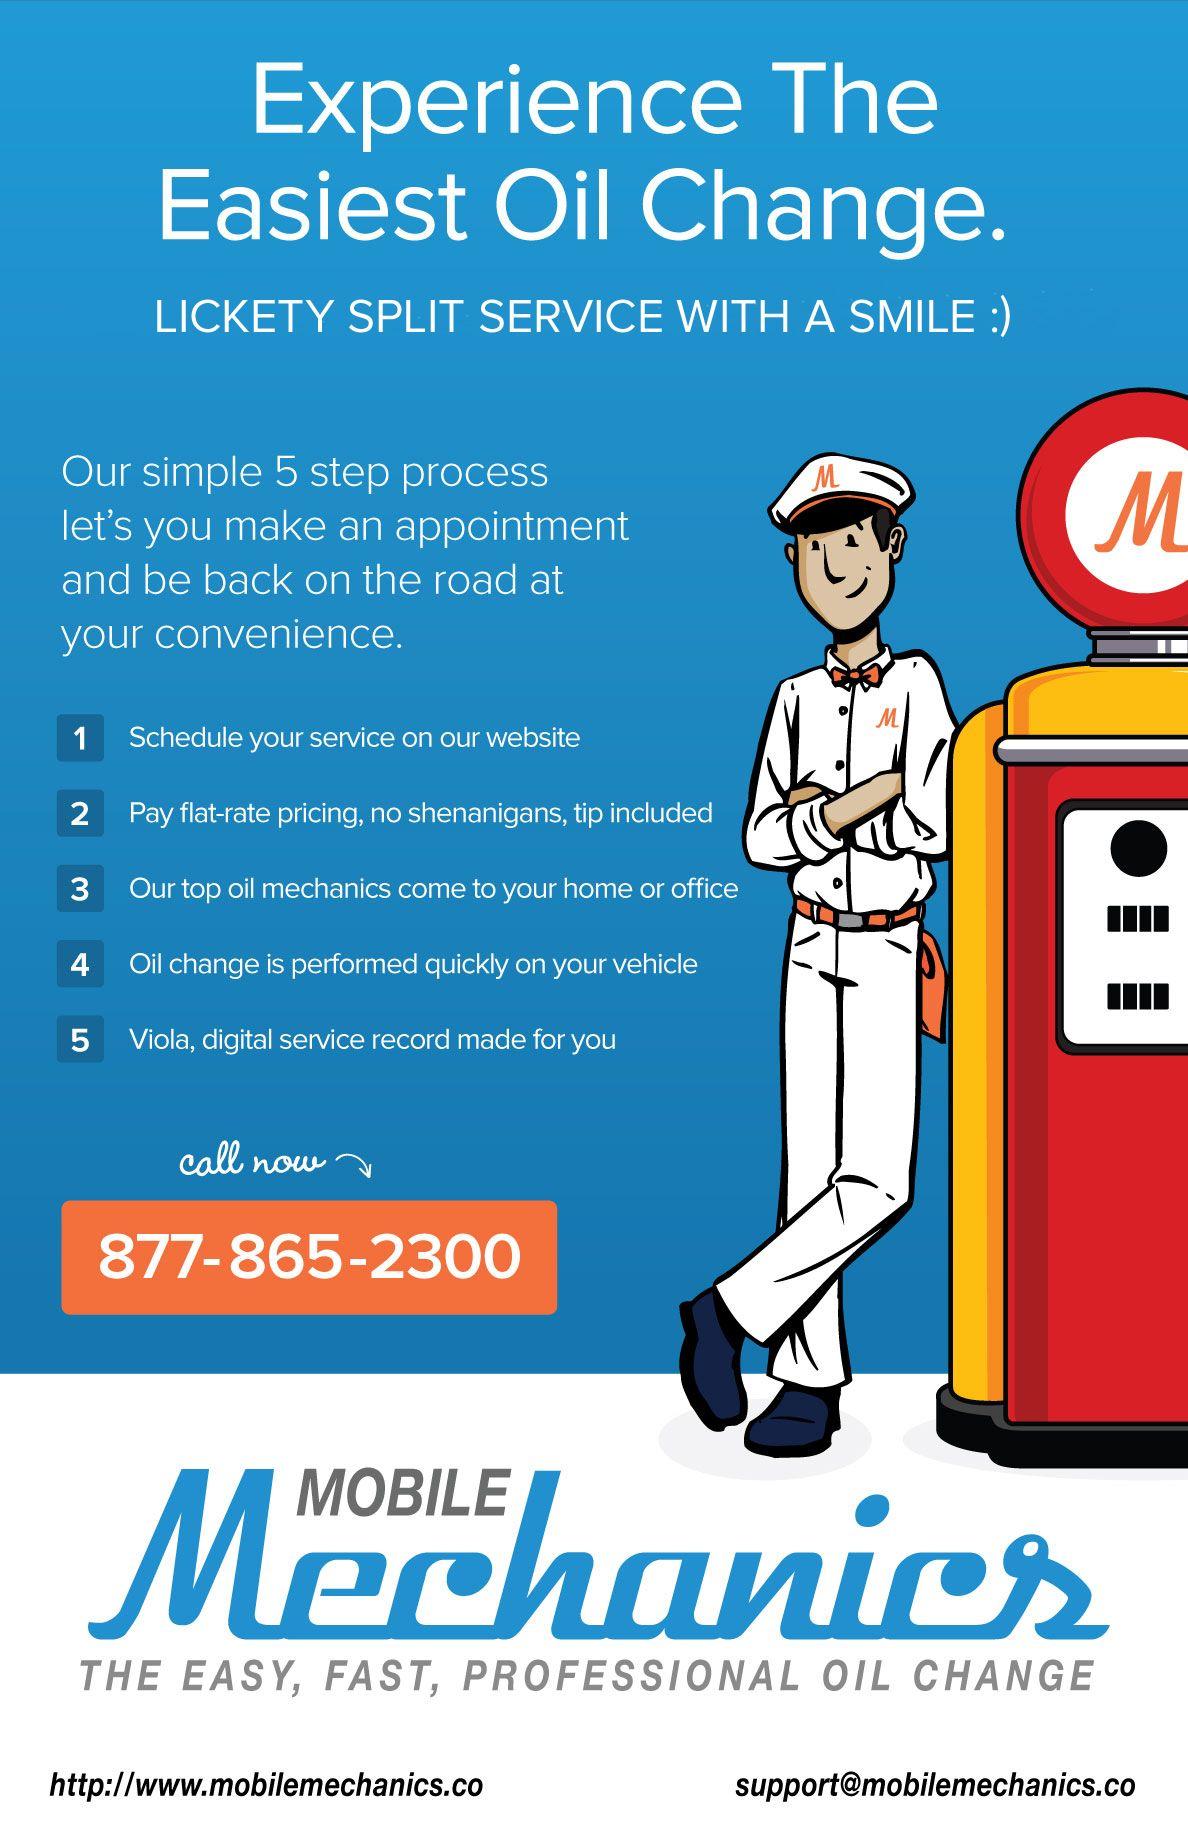 Mobile Mechanics Flyer Unique business cards, Mobile